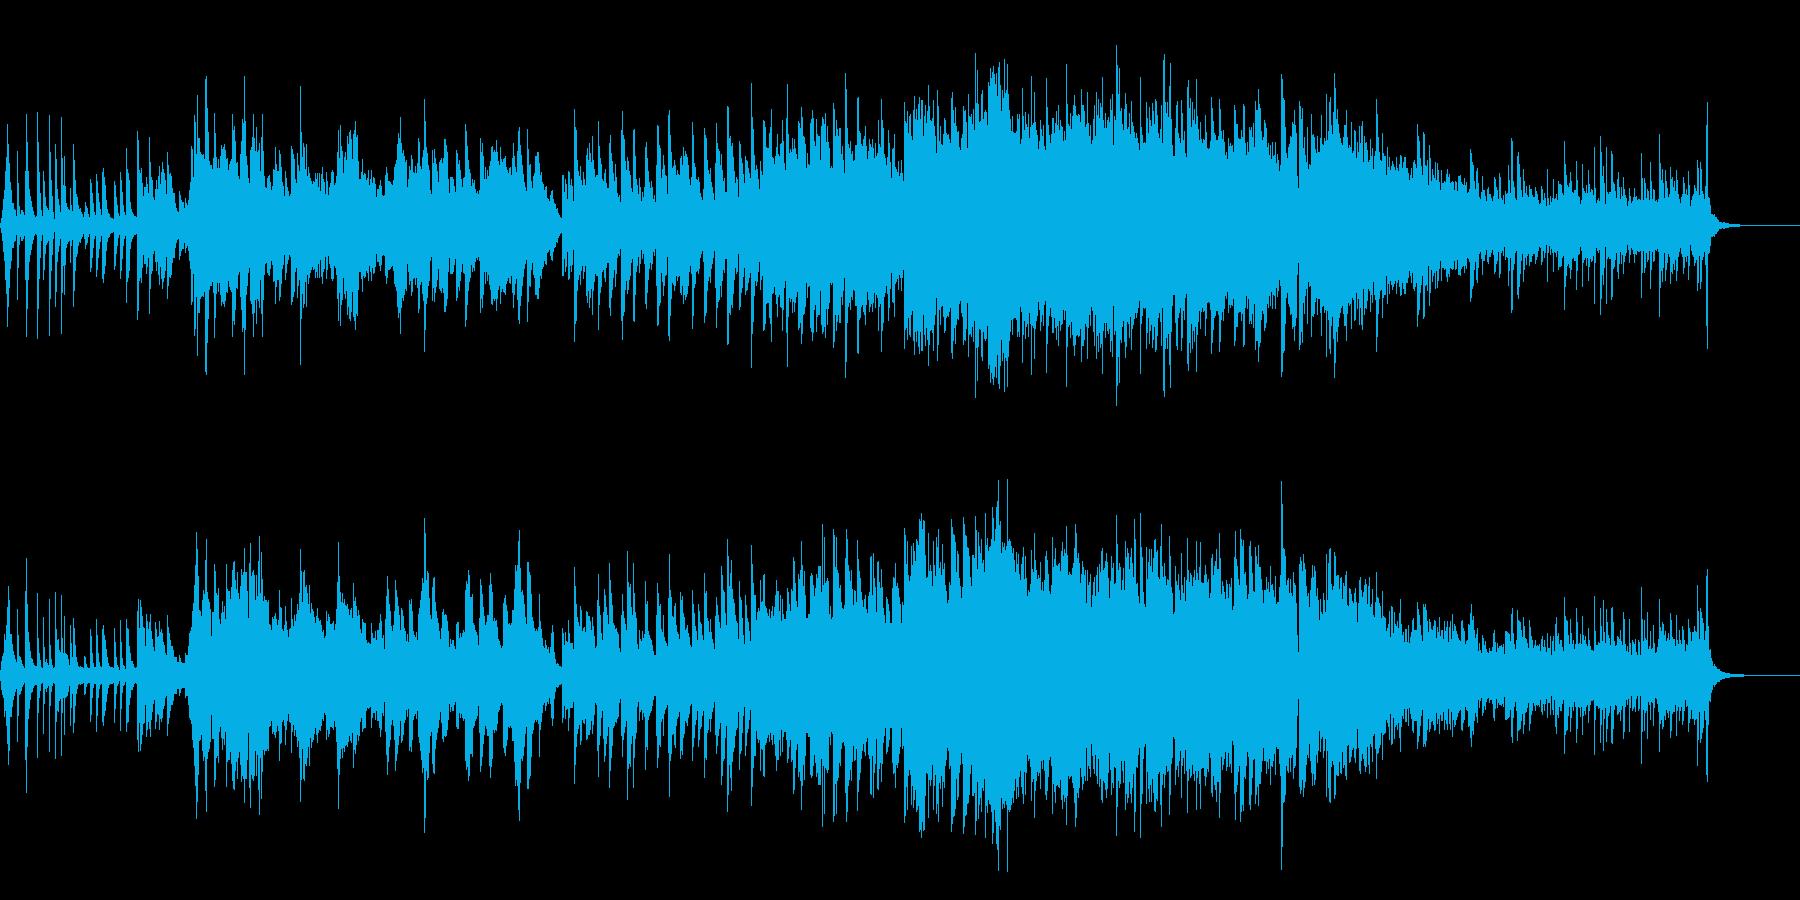 ドラマチックに盛り上がるピアノと弦楽の曲の再生済みの波形